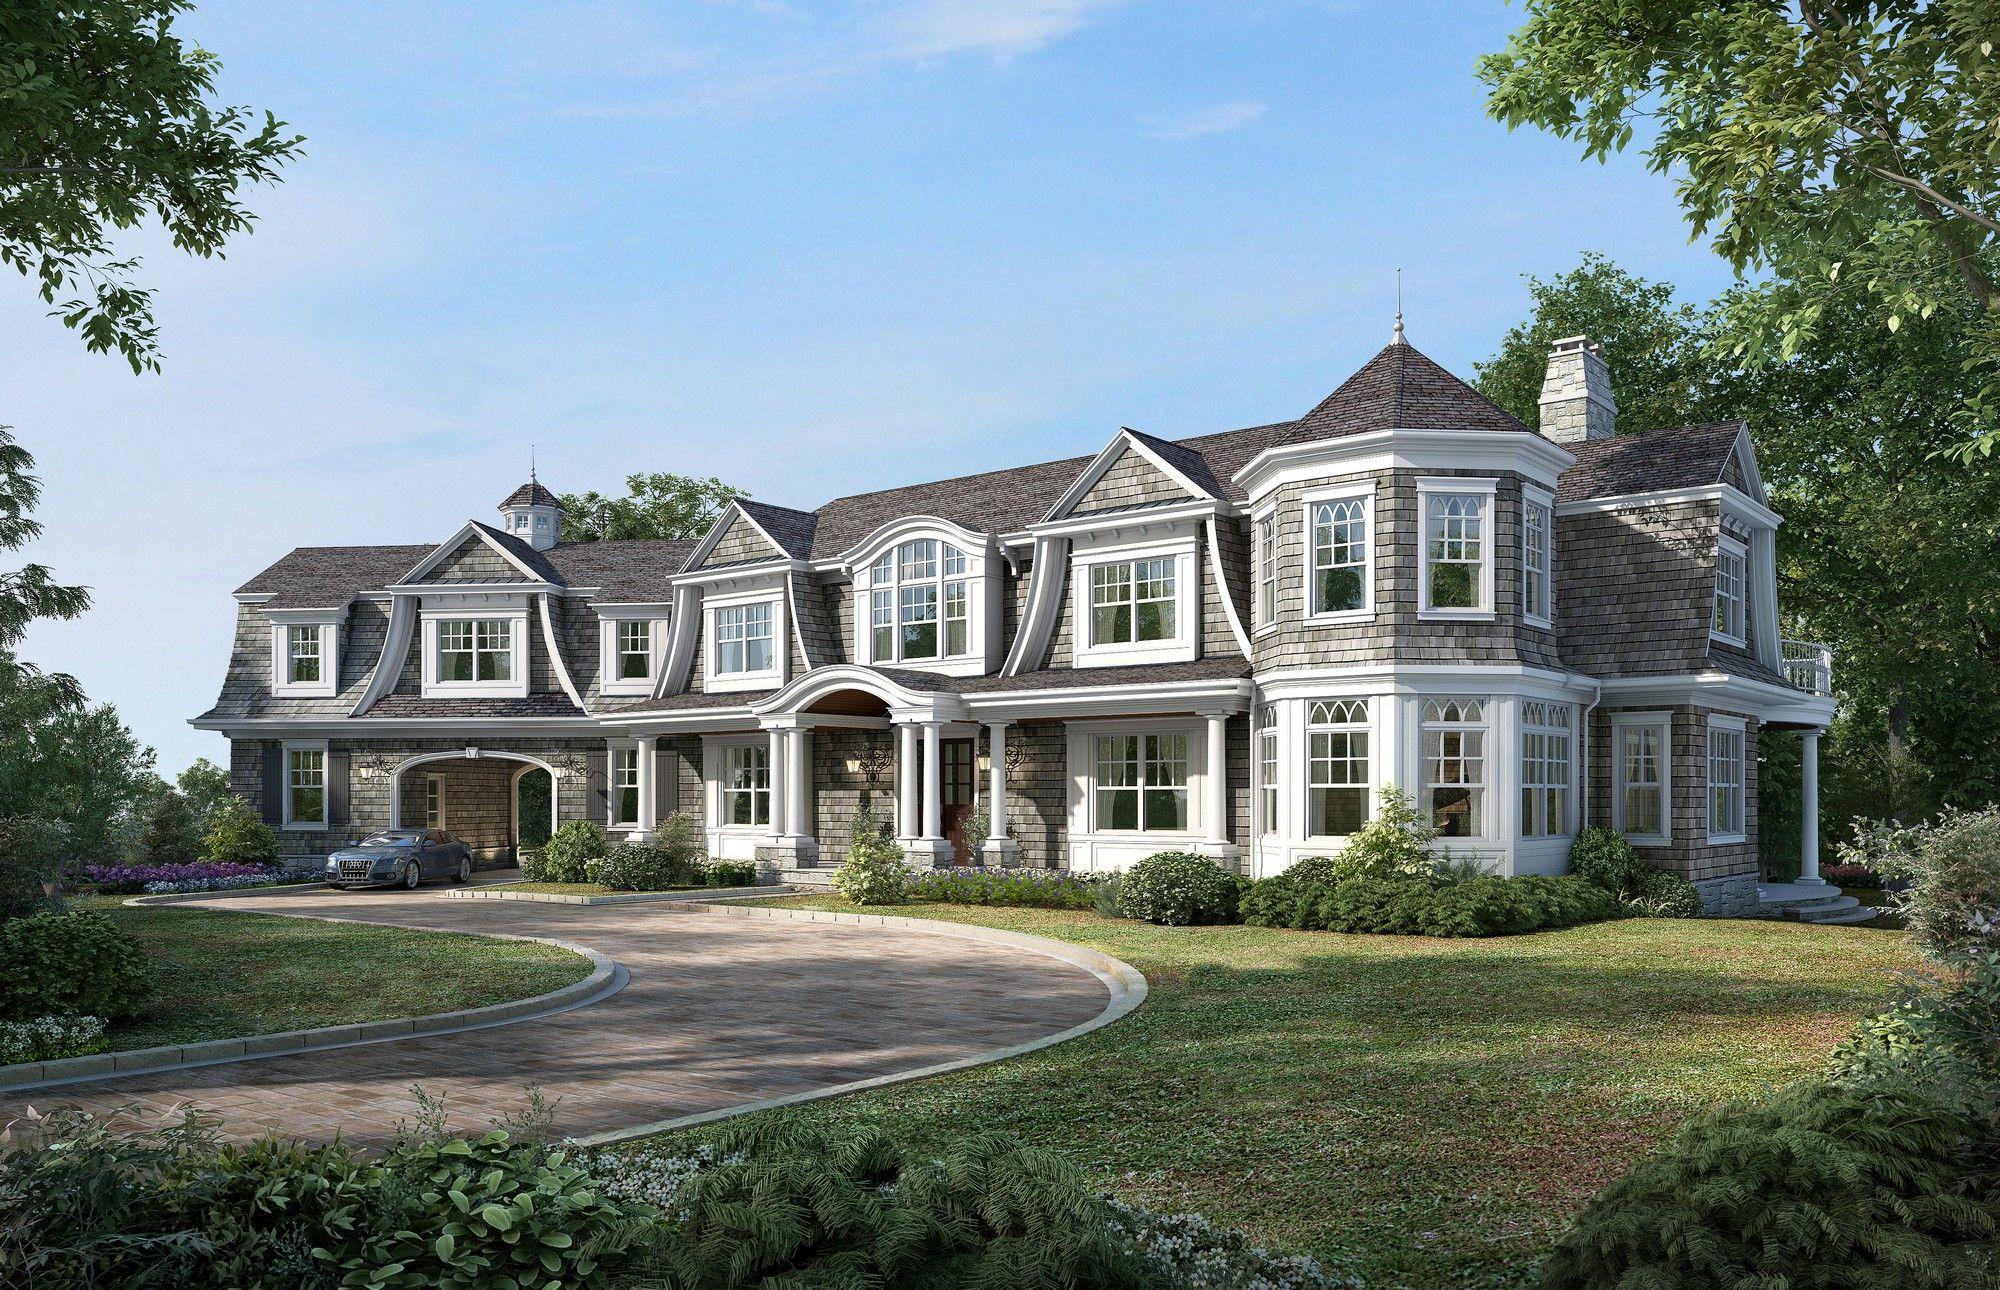 Jordan Rosenberg Architect & ociates - Shingle Style ... on legendary communities floor plans, ryan floor plans, lennar floor plans,